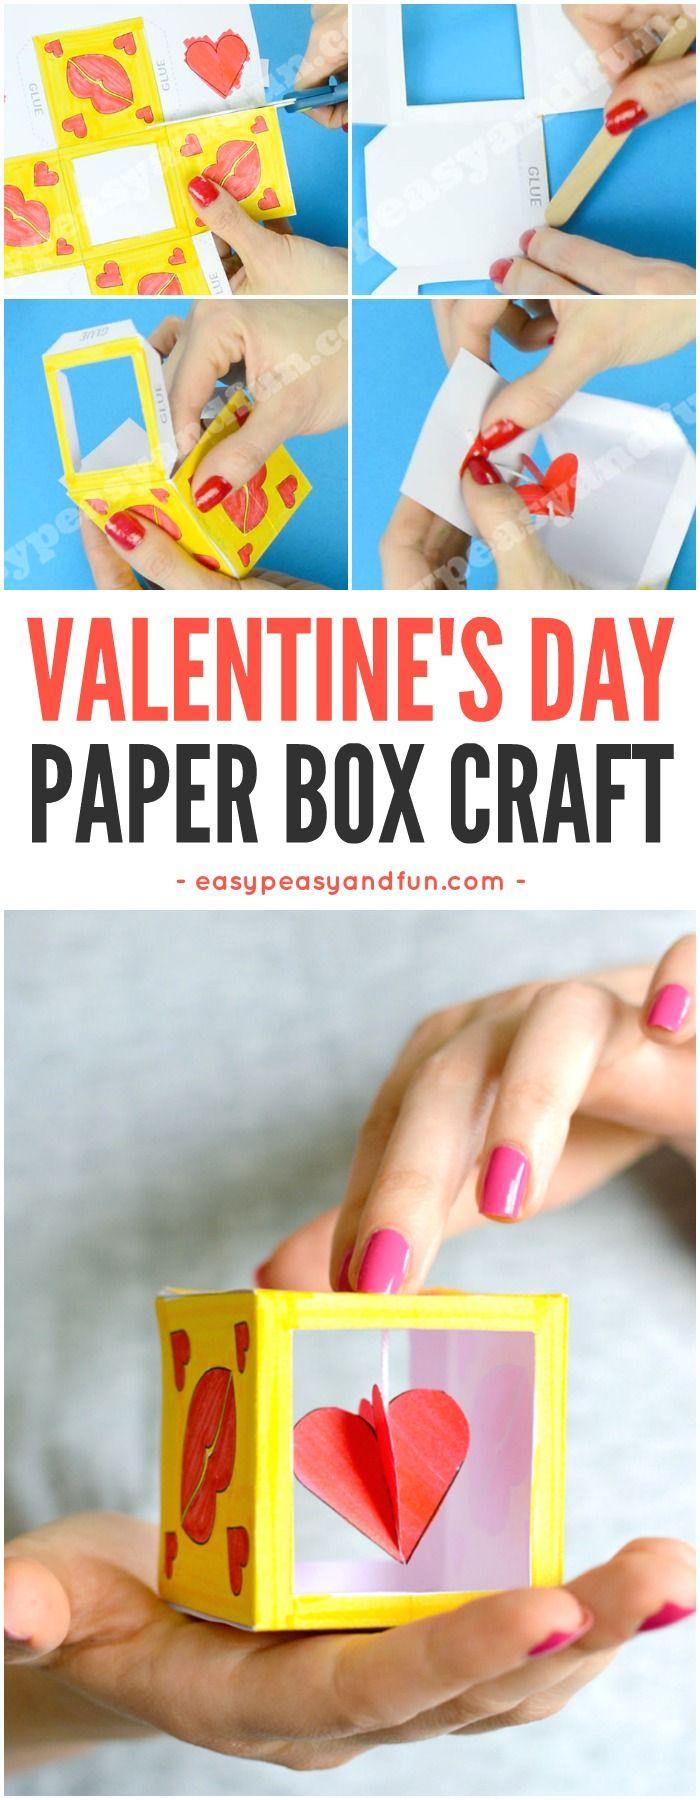 Heart Box Paper Craft | Kunstunterricht, Muttertag und Valentinstag